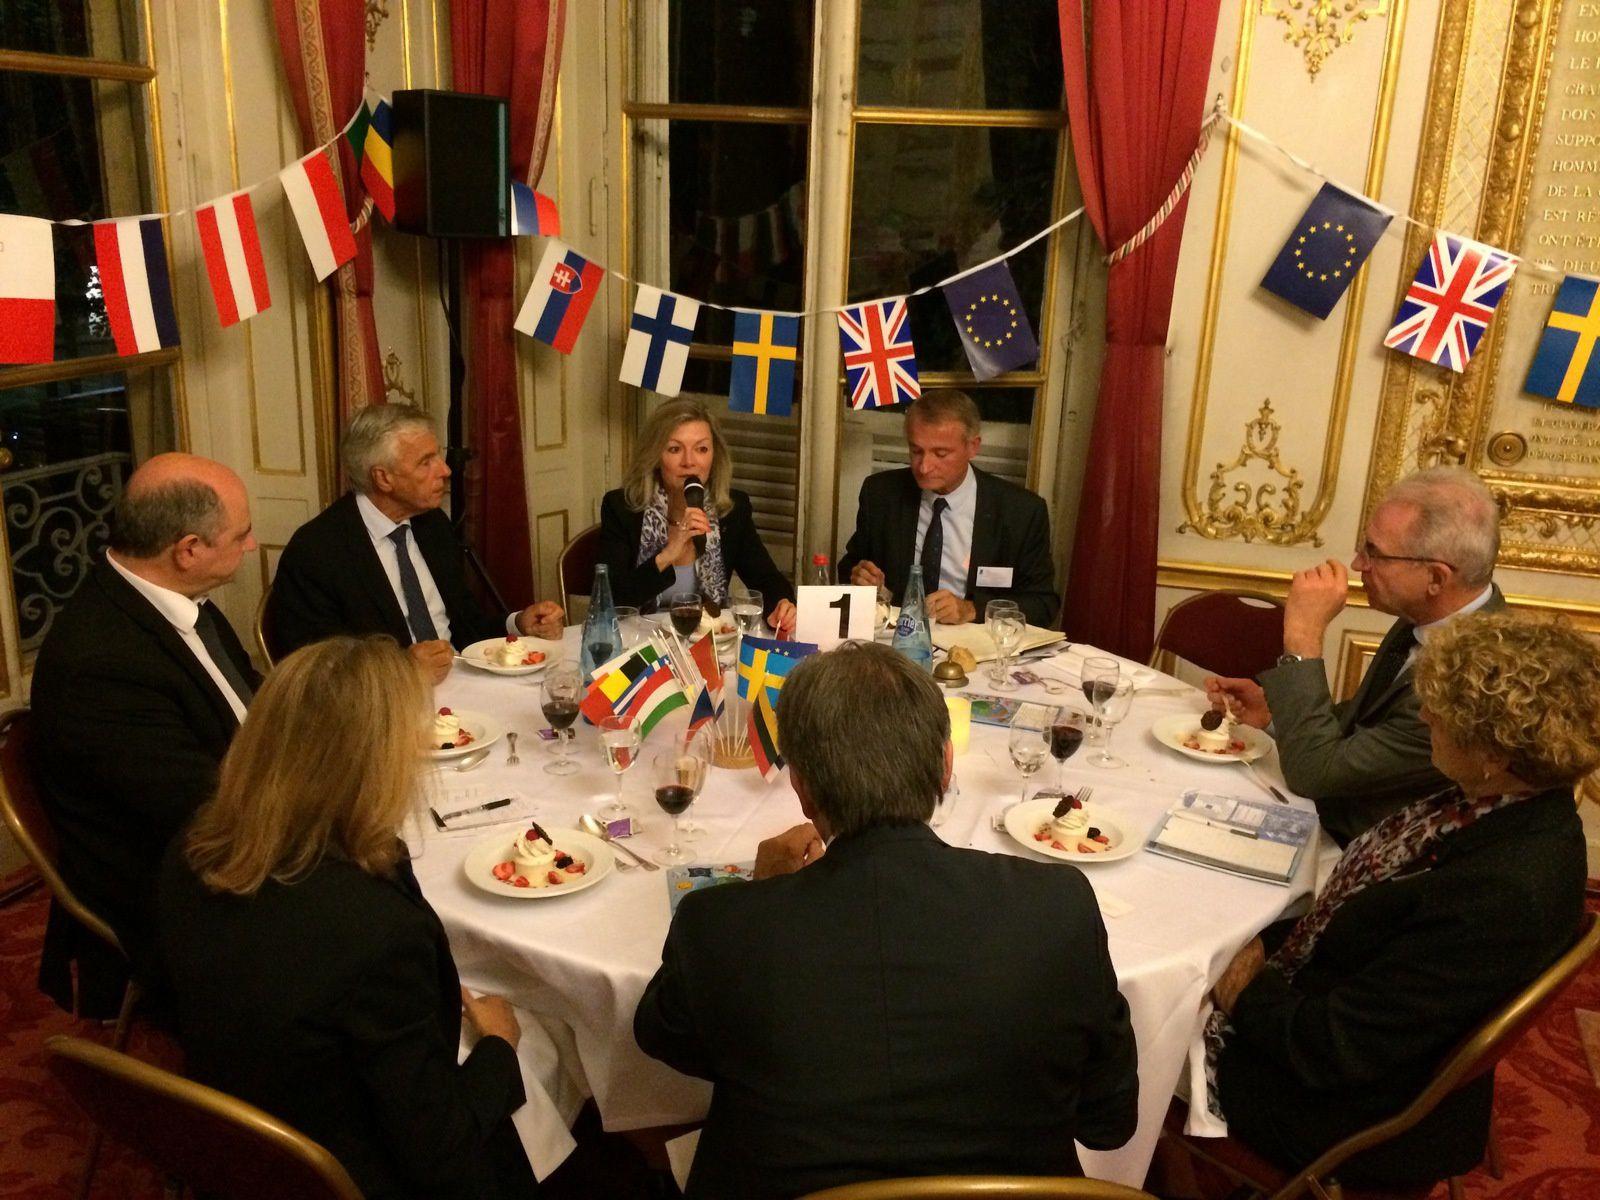 20 SEPT - SENAT - « L'Union européenne après le référendum britannique - perspectives suédoises » par S.E. Madame l'Ambassadeur de Suède en France